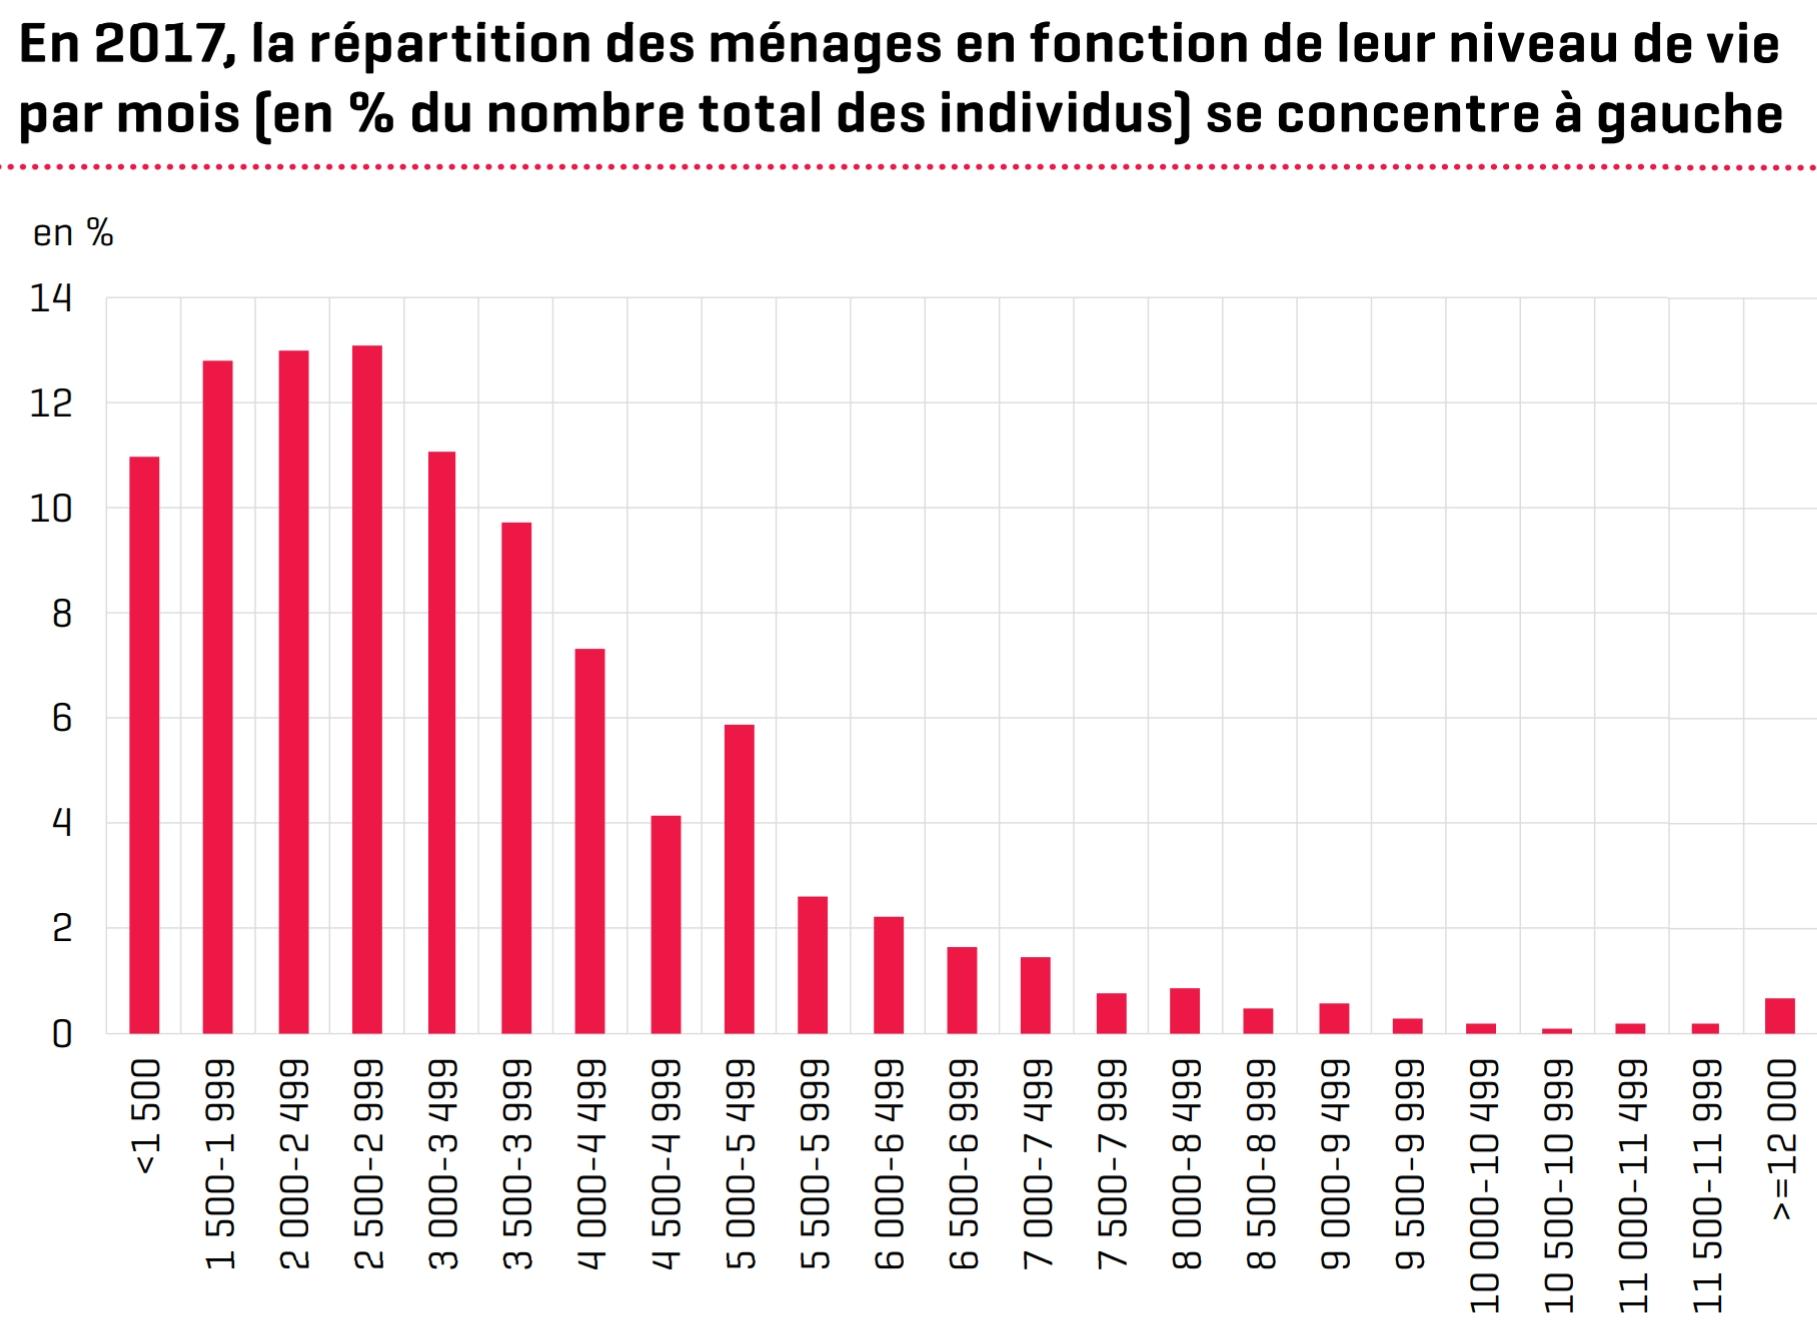 Verfügbares Äquivalenzeinkommen Luxemburg Haushaltseinkommen Verteilung 2017